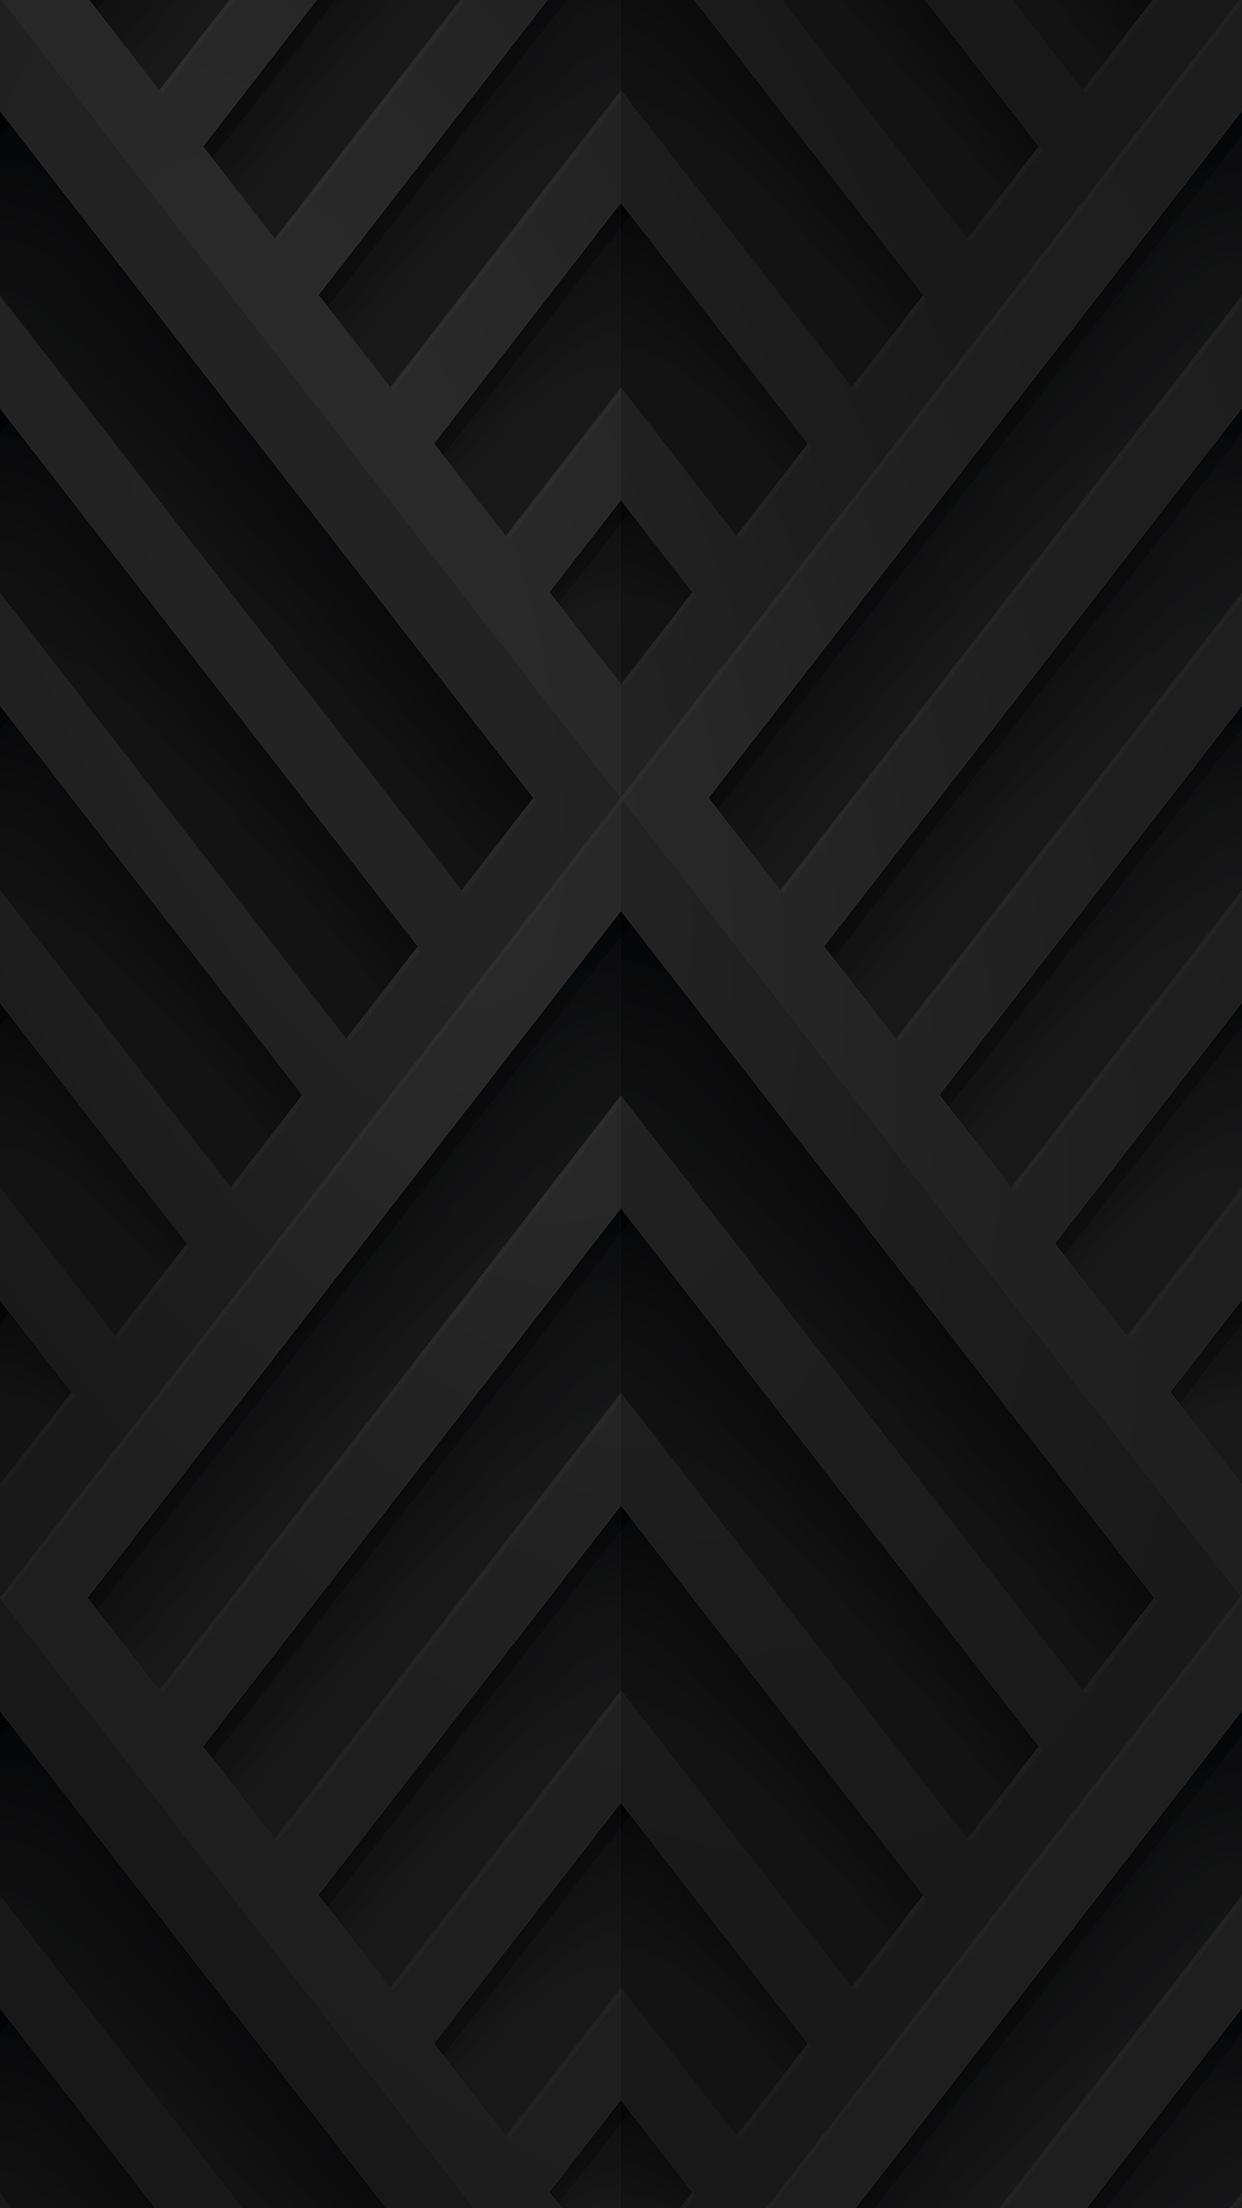 1920x1080 9 Art Deco Wallpaper10 600x338 Download 1920x1200 Desktop Wallpapers